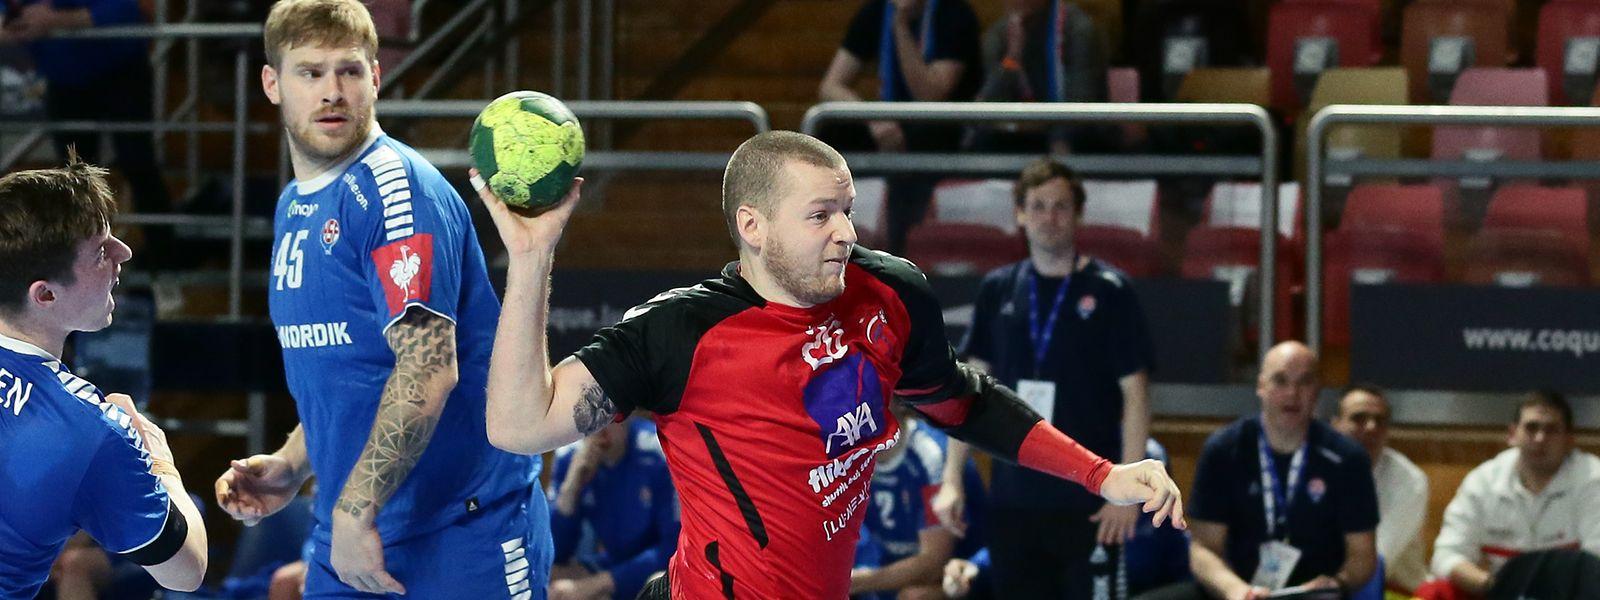 Für Joé Faber und Co. ging das Turnier mit drei Niederlagen zu Ende.